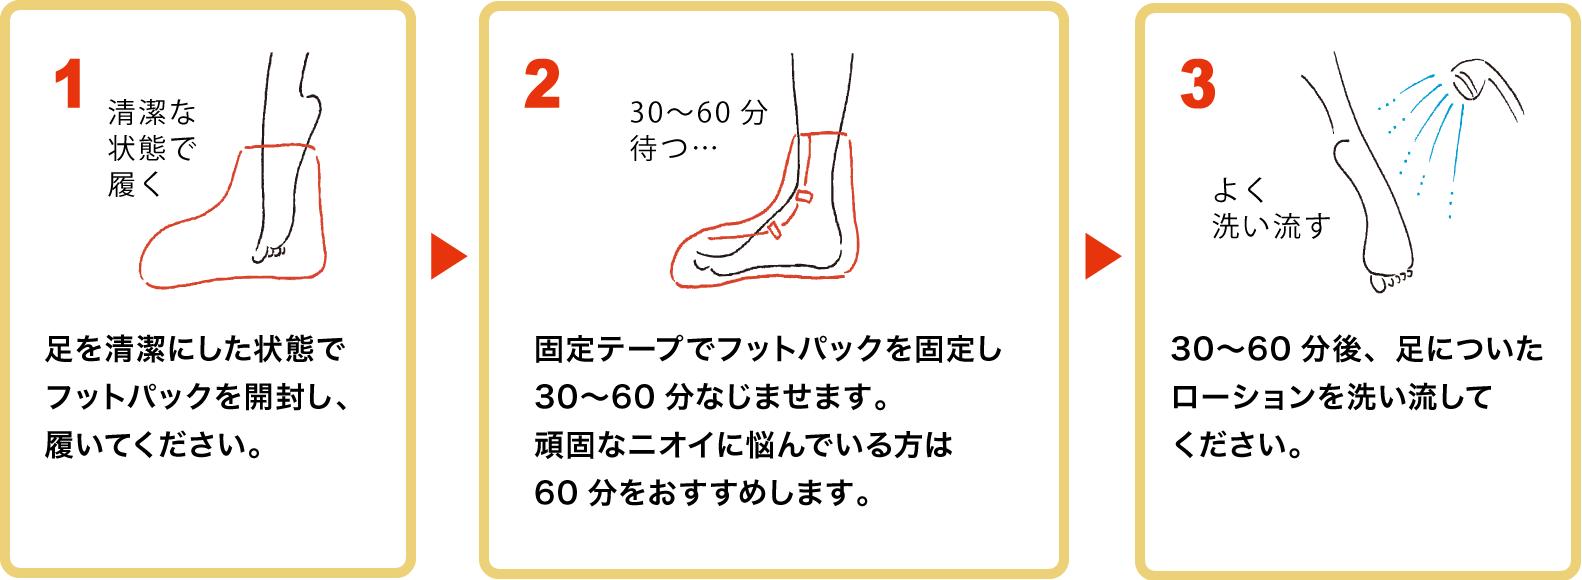 1.足を清潔にした状態でフットパックを開封し、履いてください。 2.固定テープでフットパックを固定し30〜60分なじませます。頑固なニオイに悩んでいる方は60分をおすすめします。 3.30〜60分後、足についたローションを洗い流してください。